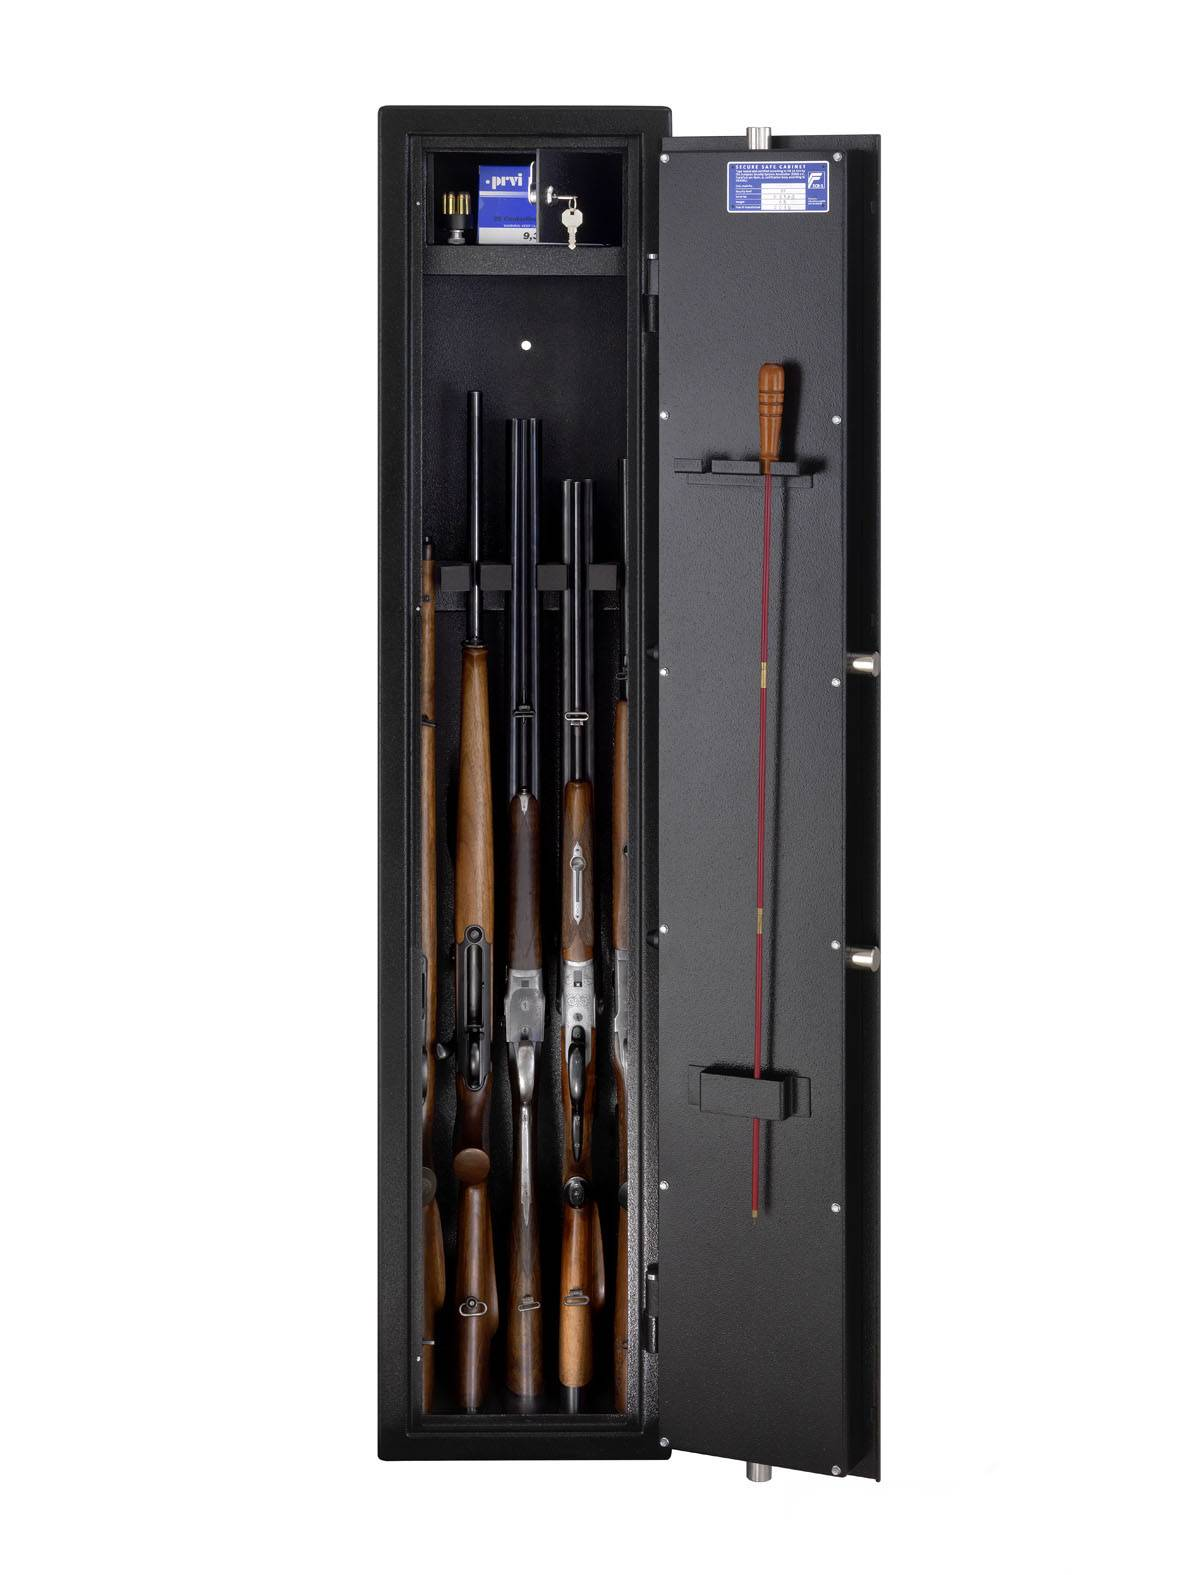 BURGWÄCHTER Armoire à fusils BURG-WÄCHTER - RANGER R S1 / 7 S - Serrure électronique + module biométrique